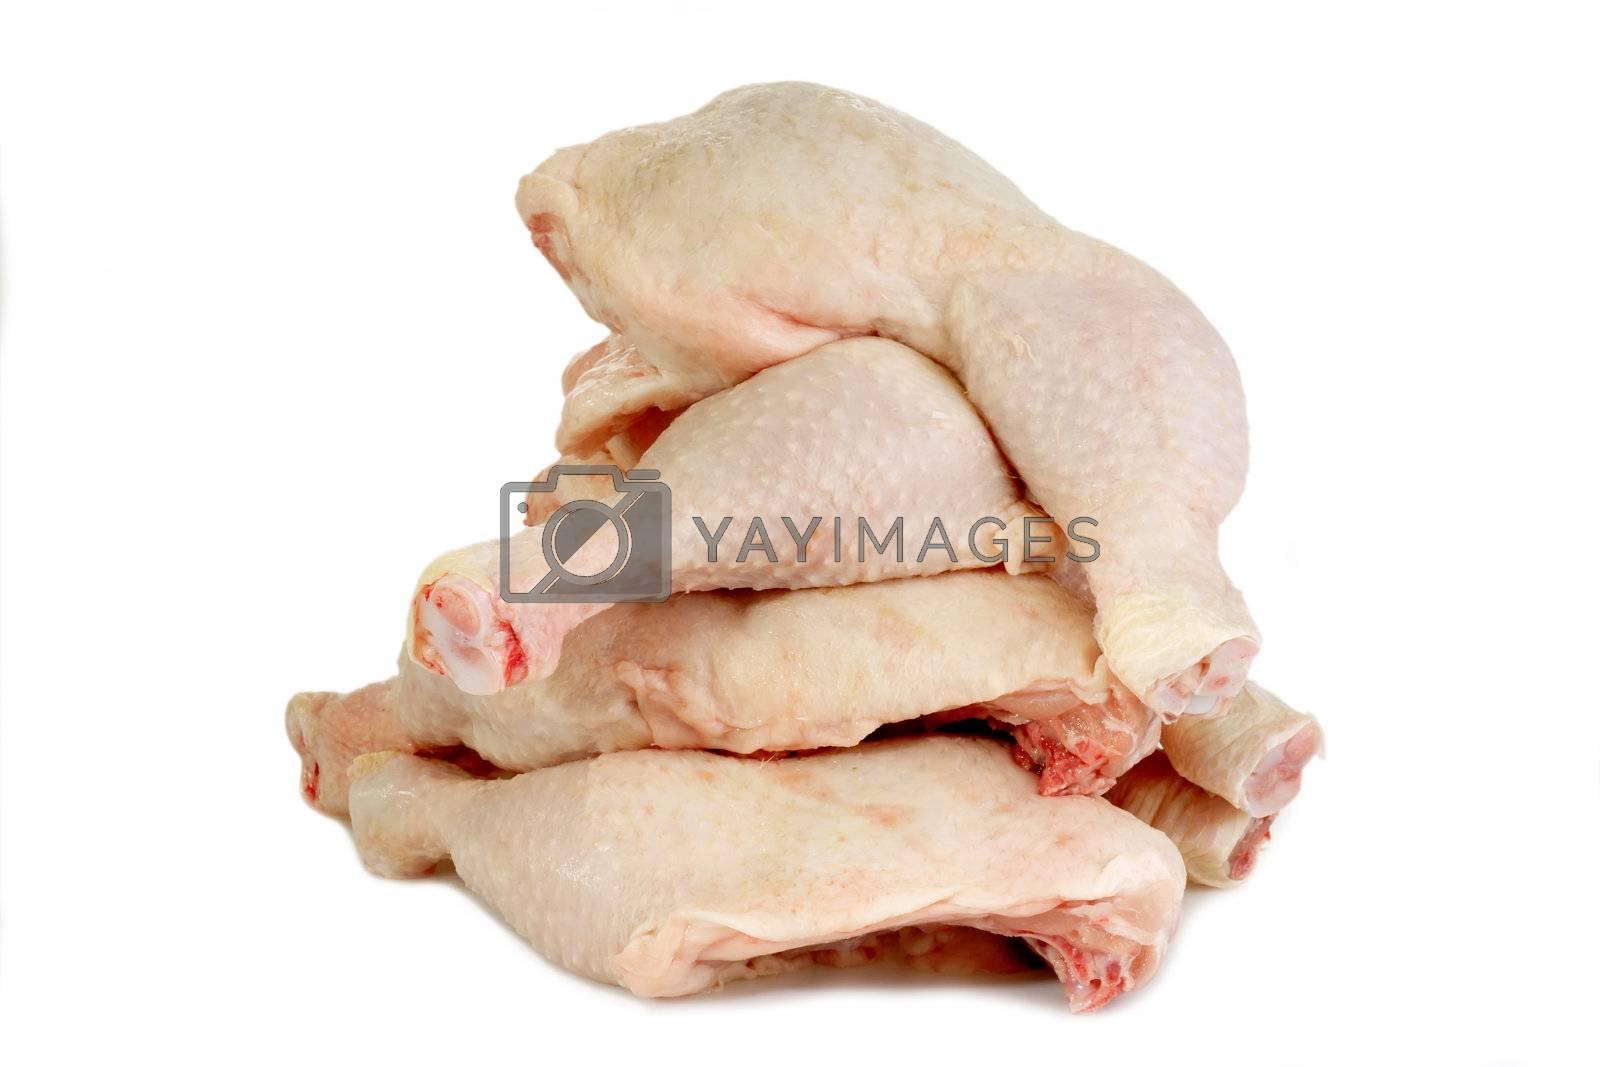 Raw chicken legs on bright background